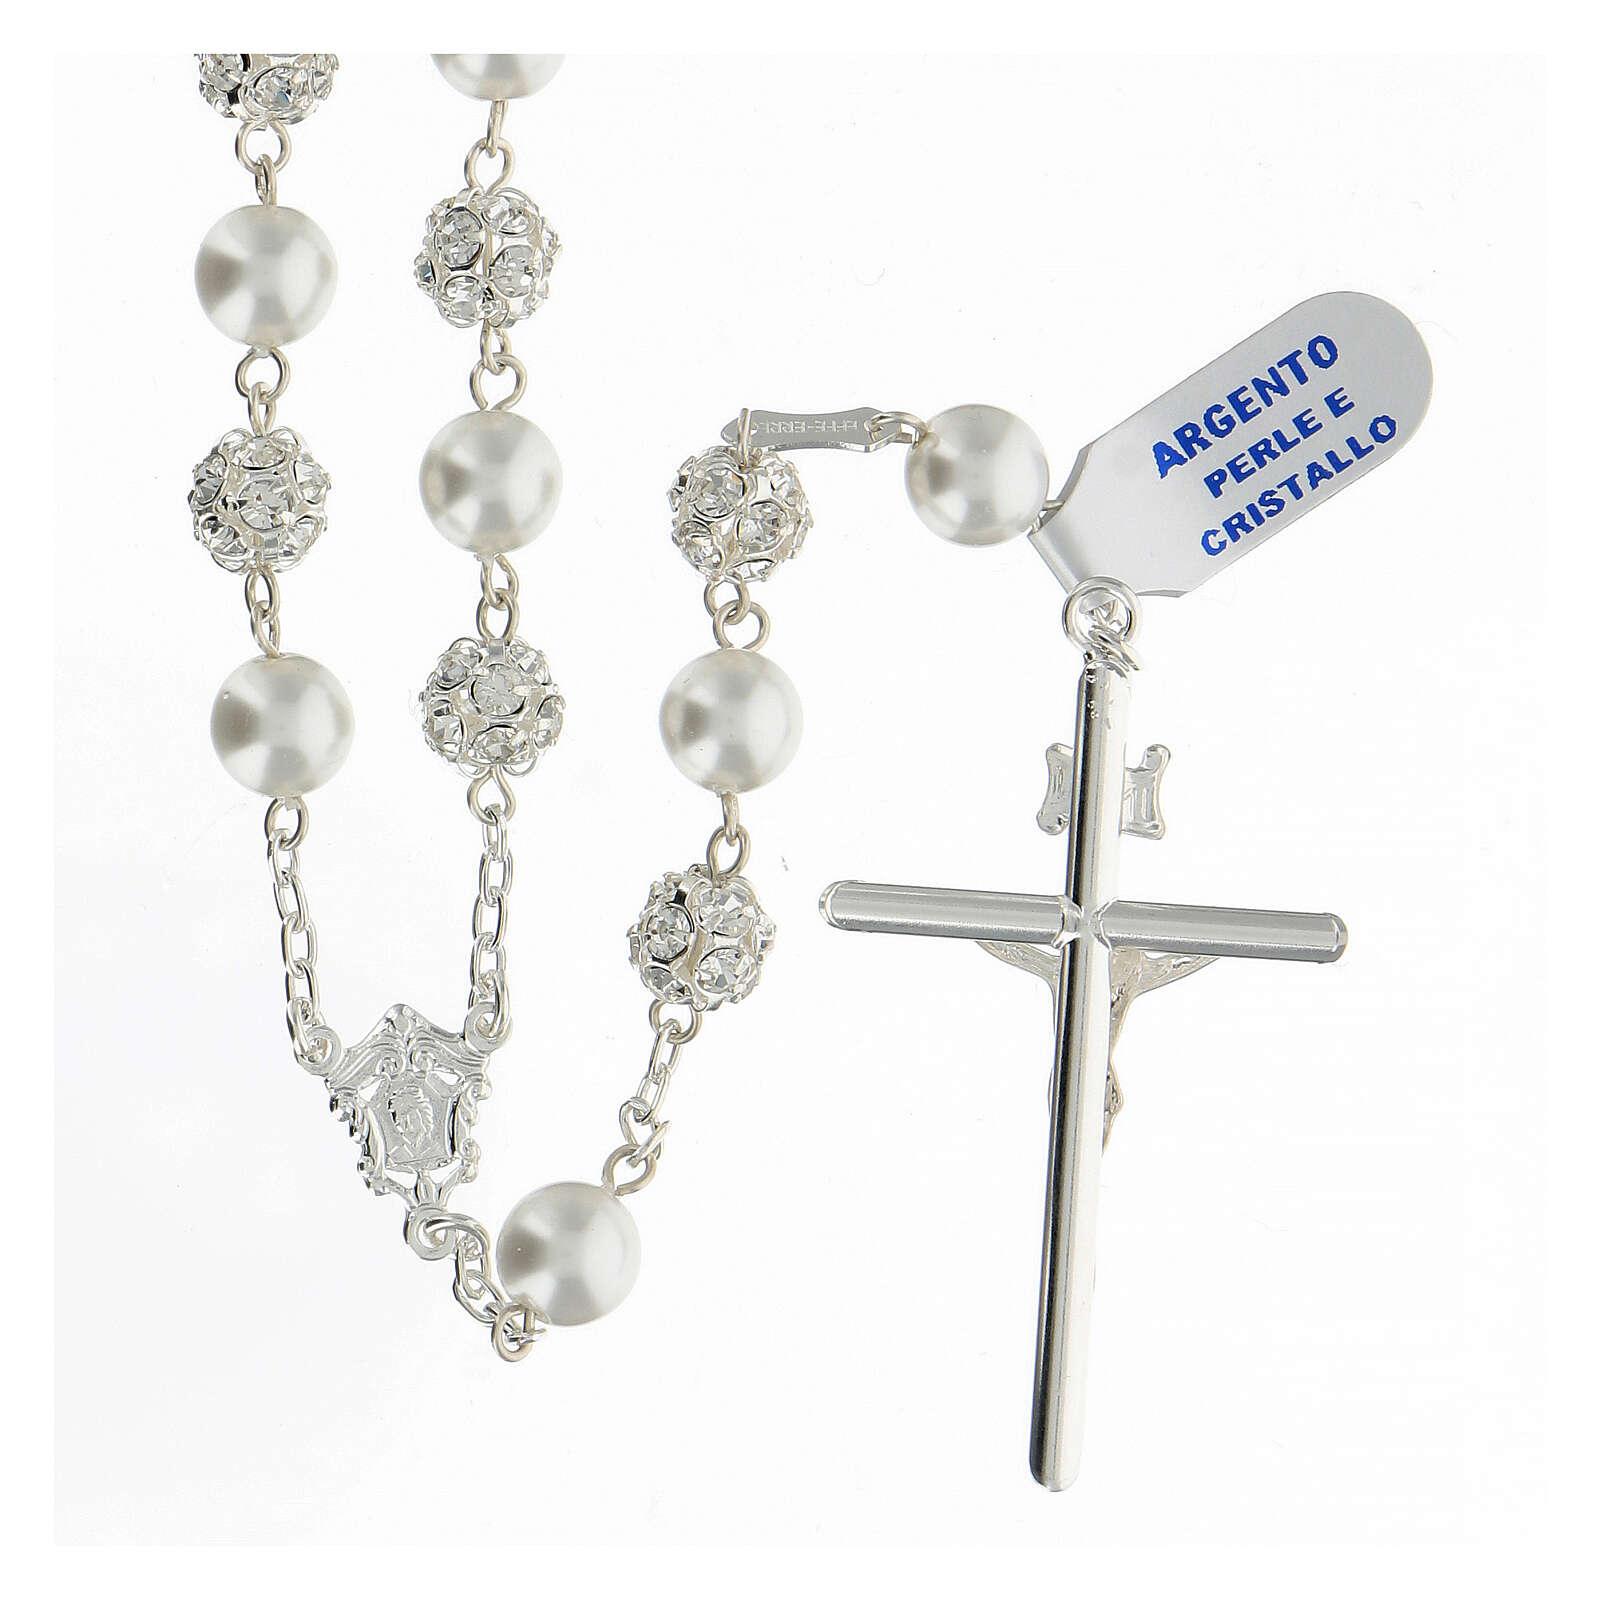 Chapelet perles cristaux 8 mm argent 925 médaille profil Marie 4